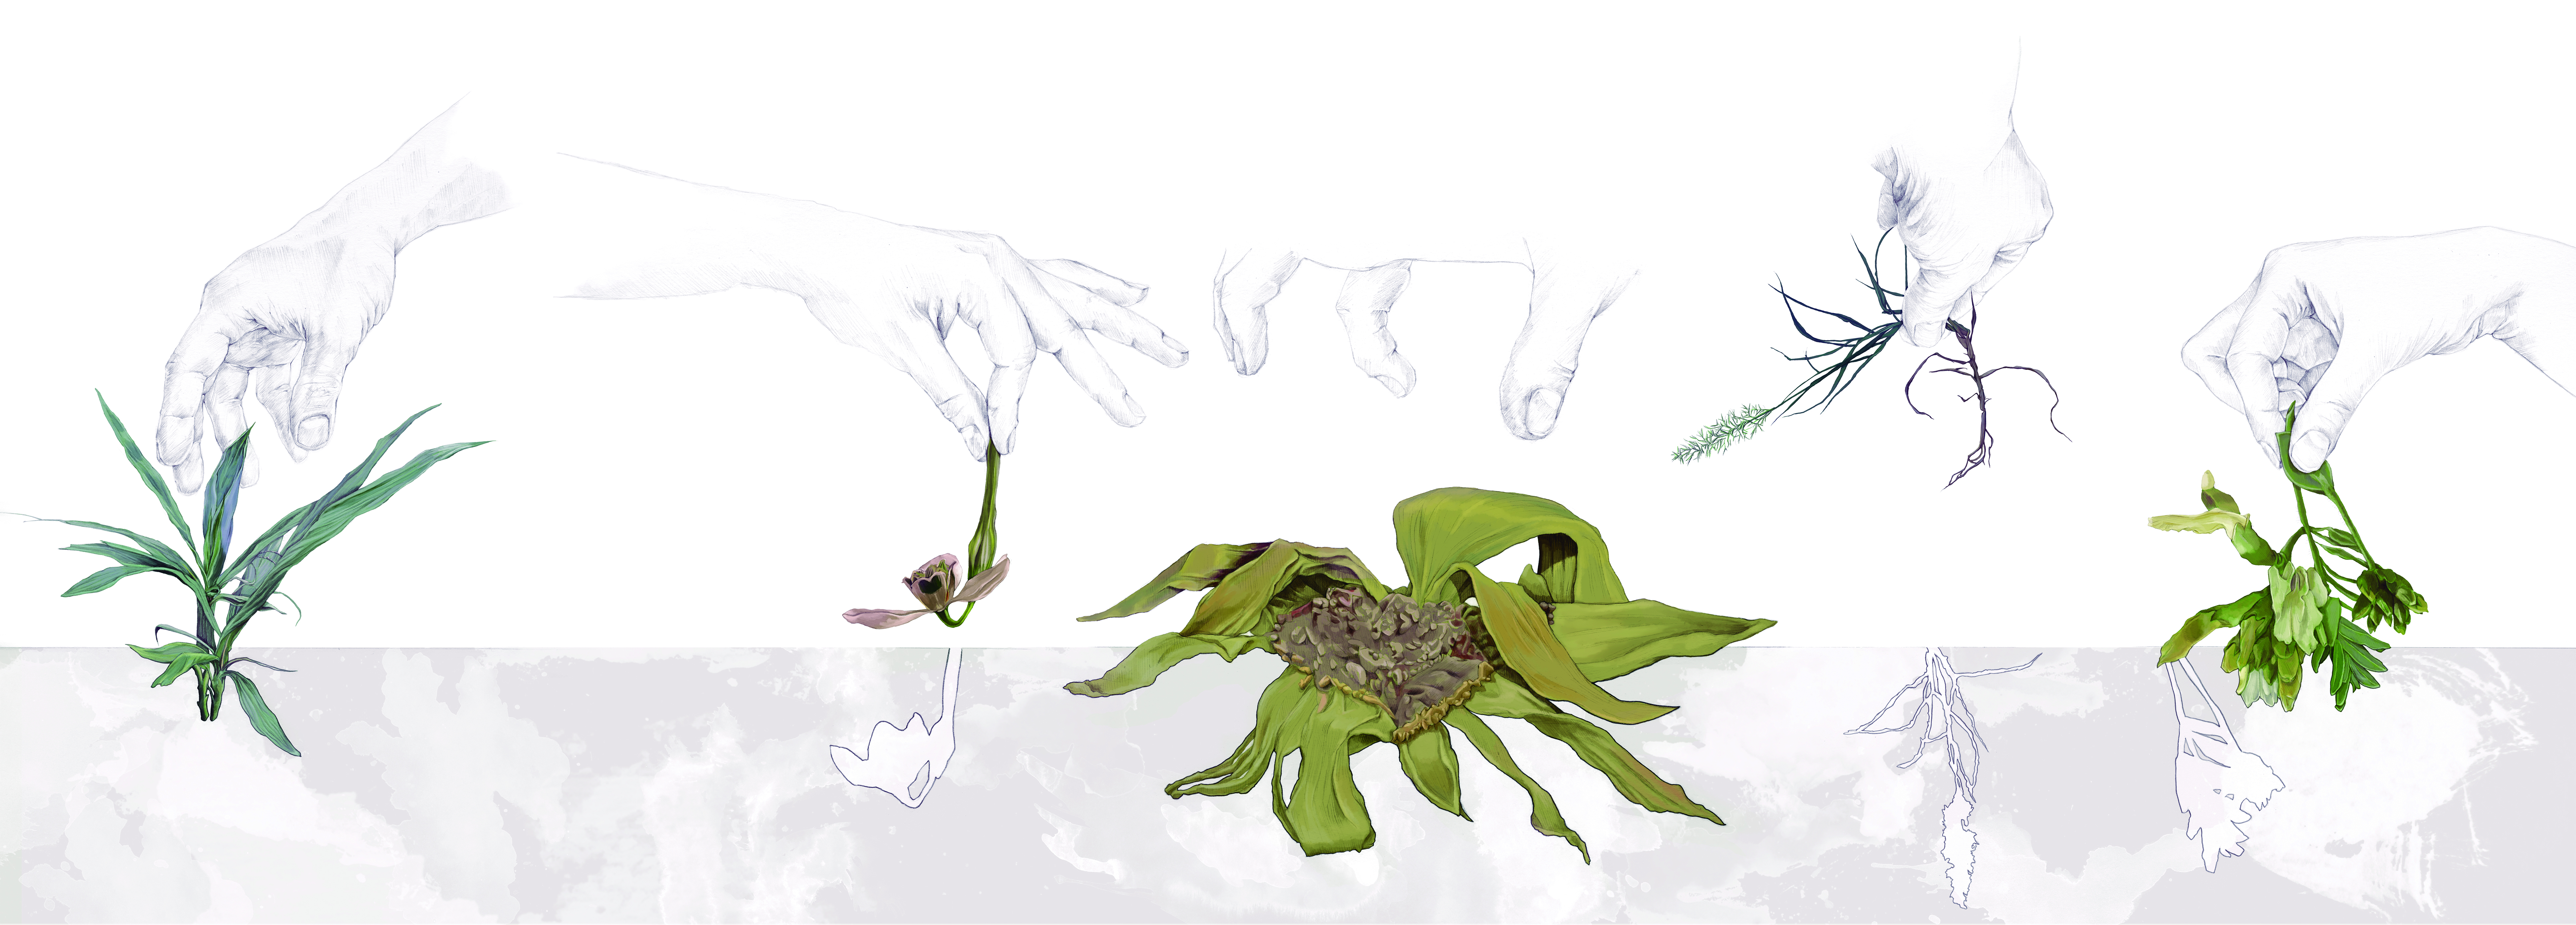 Yolanda González «Plantas amenazadas. Ilustración principal» Fuente: 'Botánica insólita'